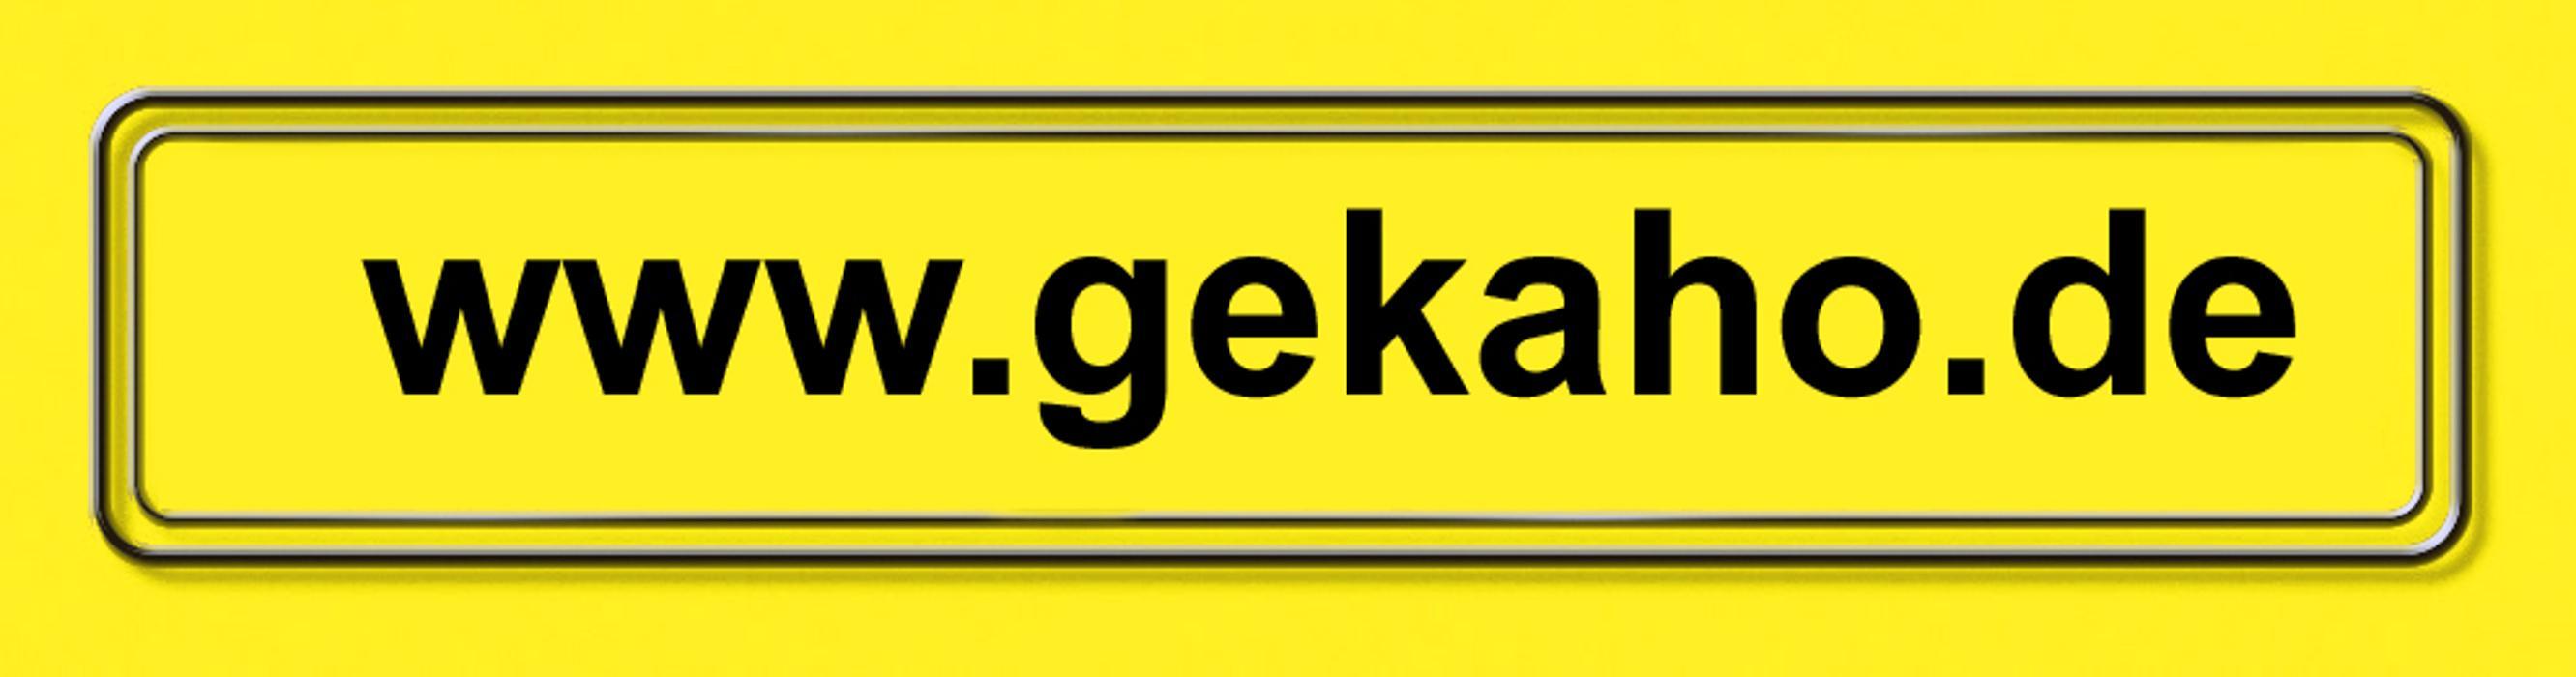 gekaho gbr • lahr/schwarzwald, karl-kammer-straße 2 - Öffnungszeiten